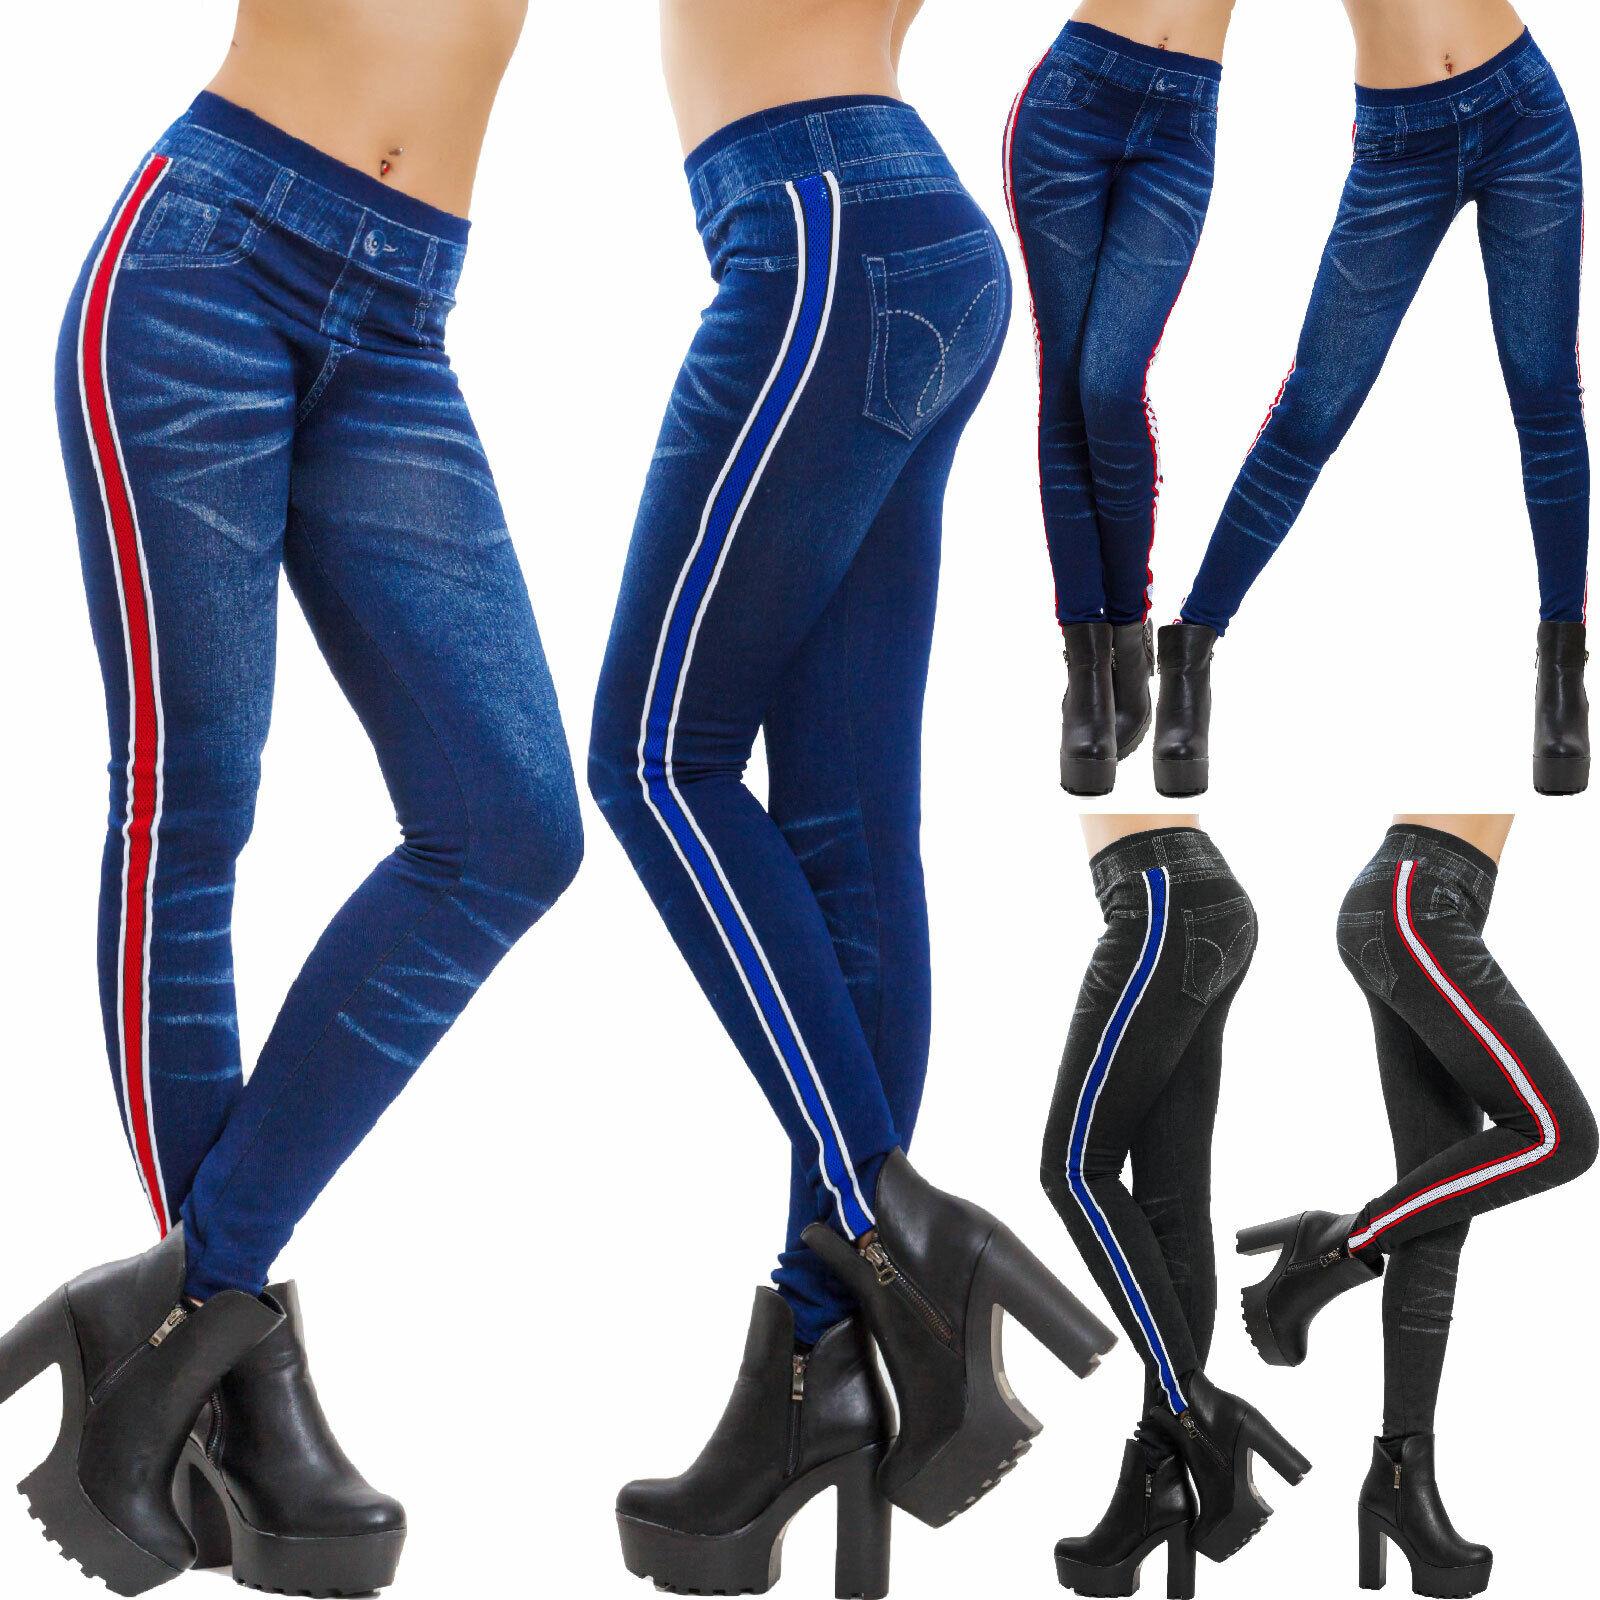 Leggings Mujer Efecto Vaqueros Denim Pantalones Ajustado Rayas Toocool F412 Ebay